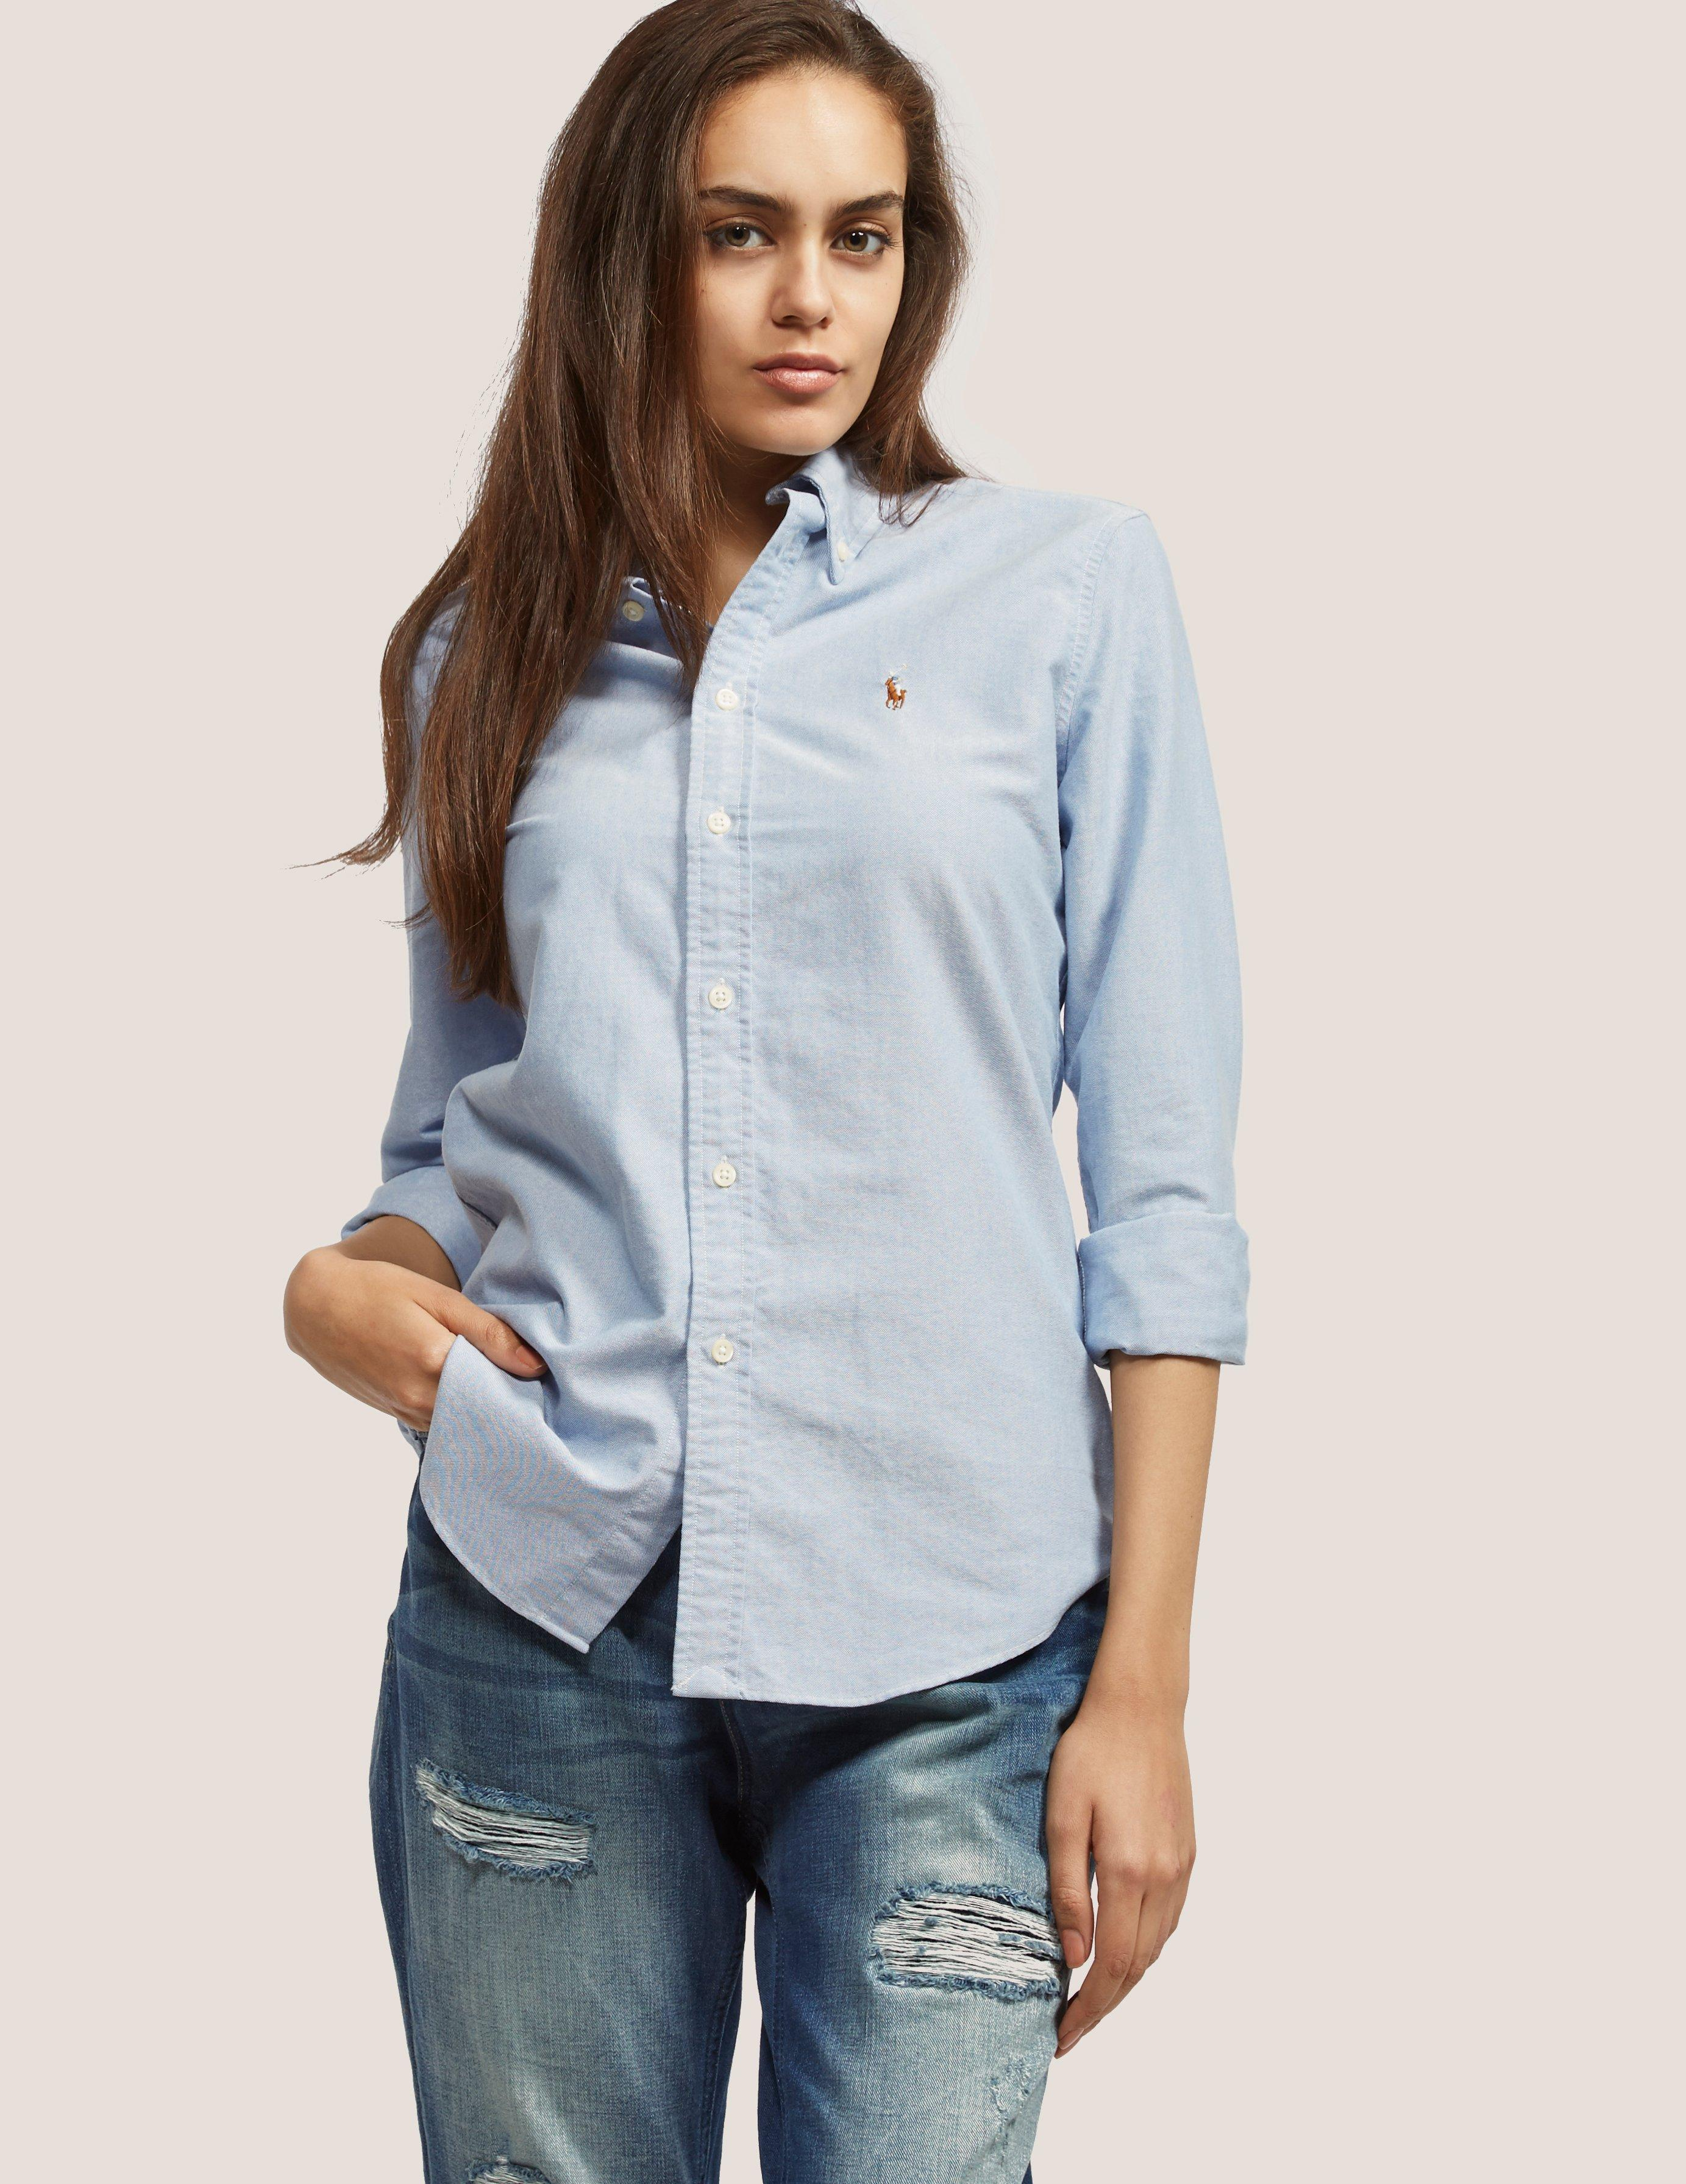 Polo Ralph Lauren Womens Harper Shirt Blue in Blue - Lyst a8567d1460d6